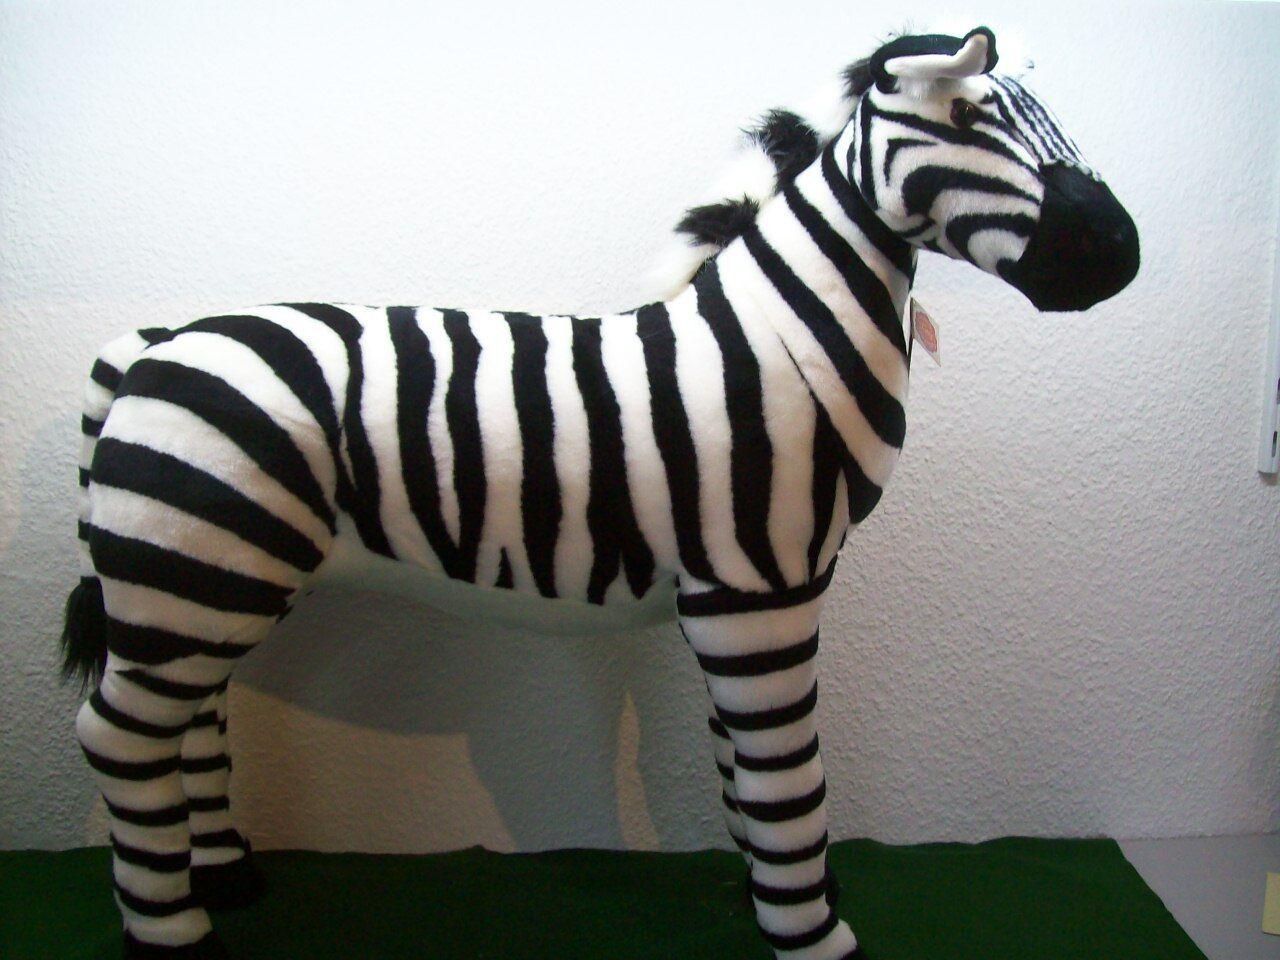 1 Zebra Teddy Hermann Studiotier 80cm KEIN Reittier 90280 5 Plüschtier Stofftier